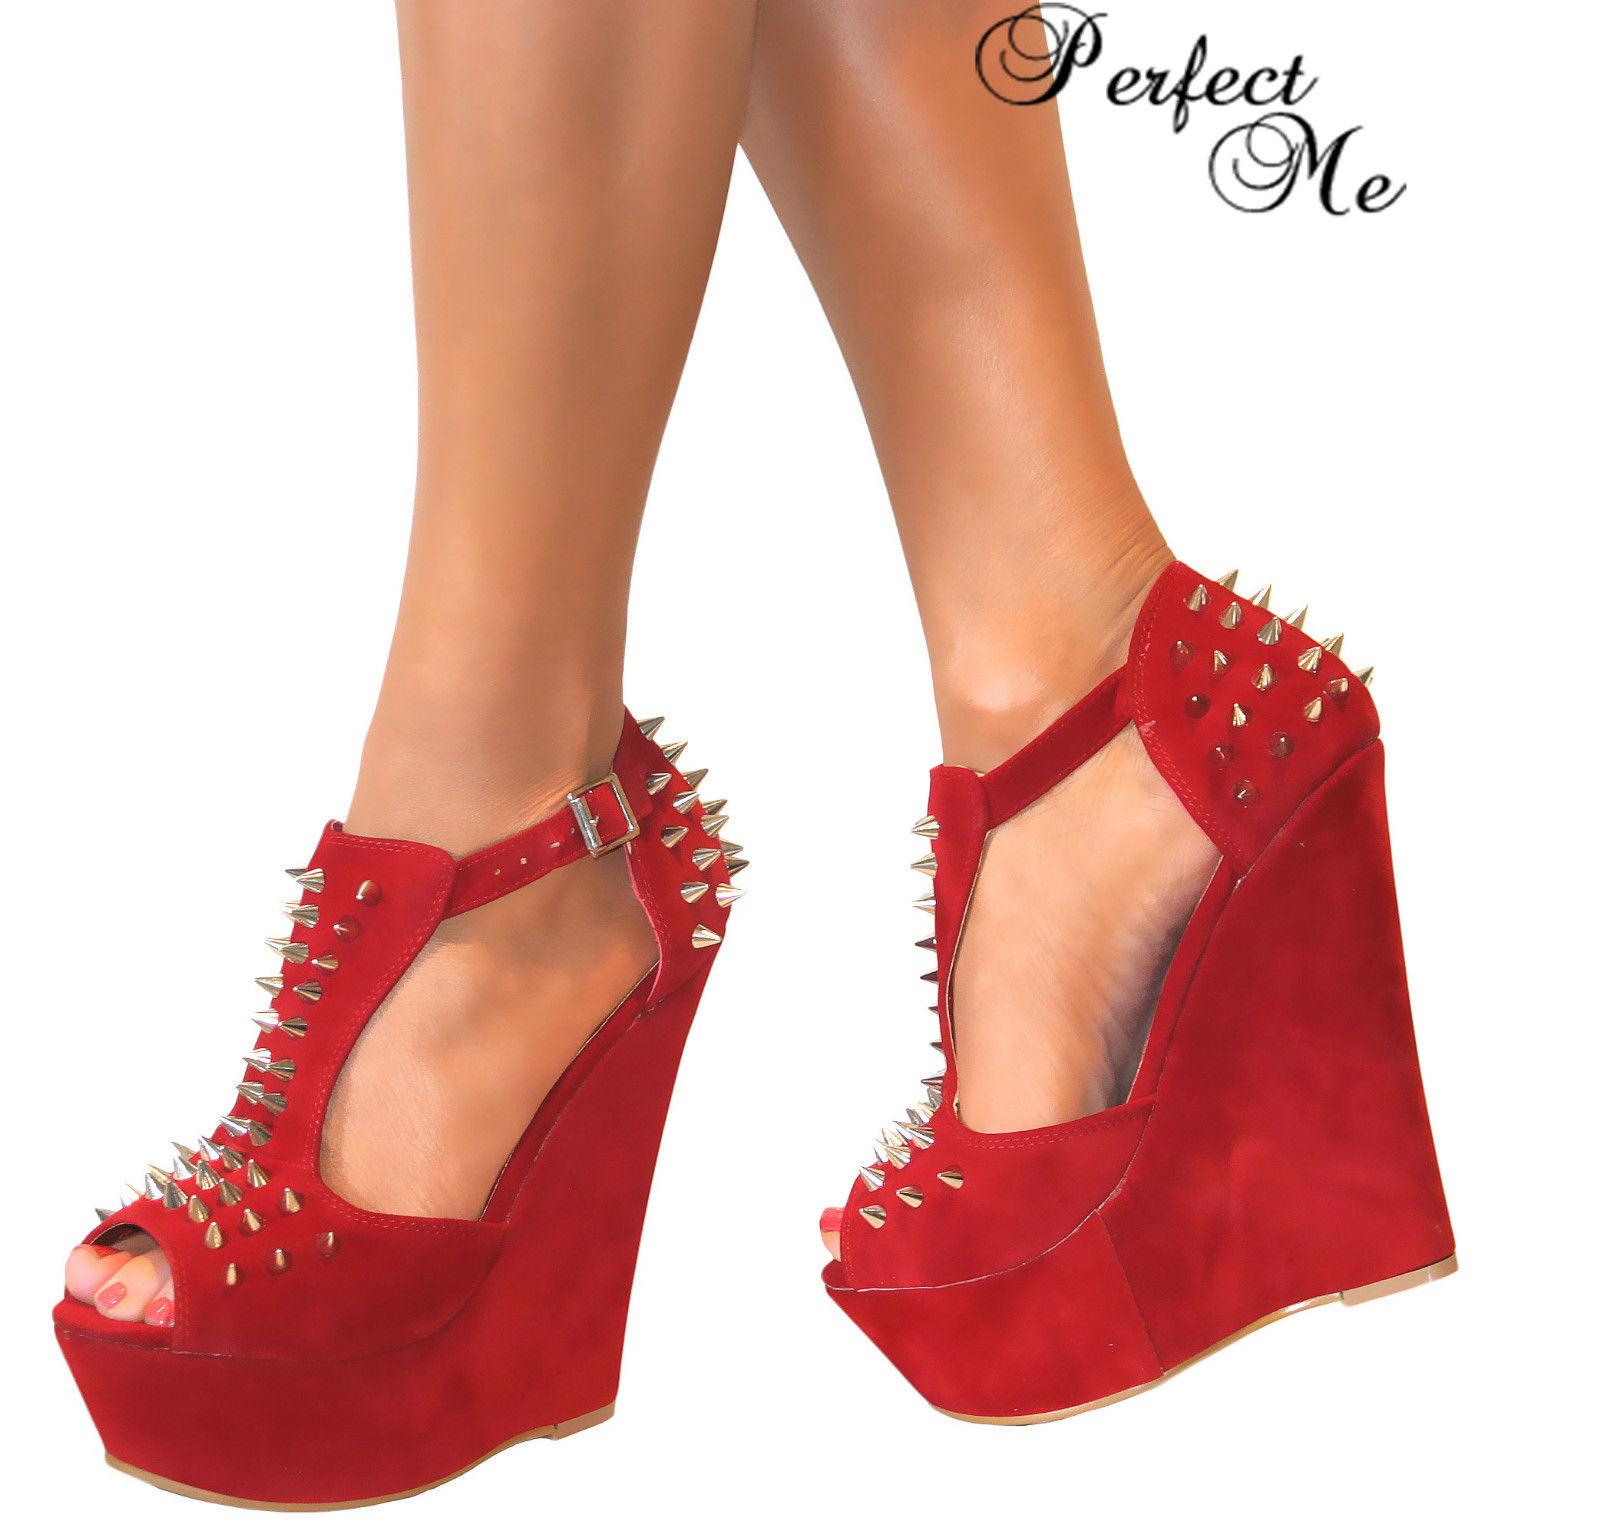 Chaussure compensée haut talon